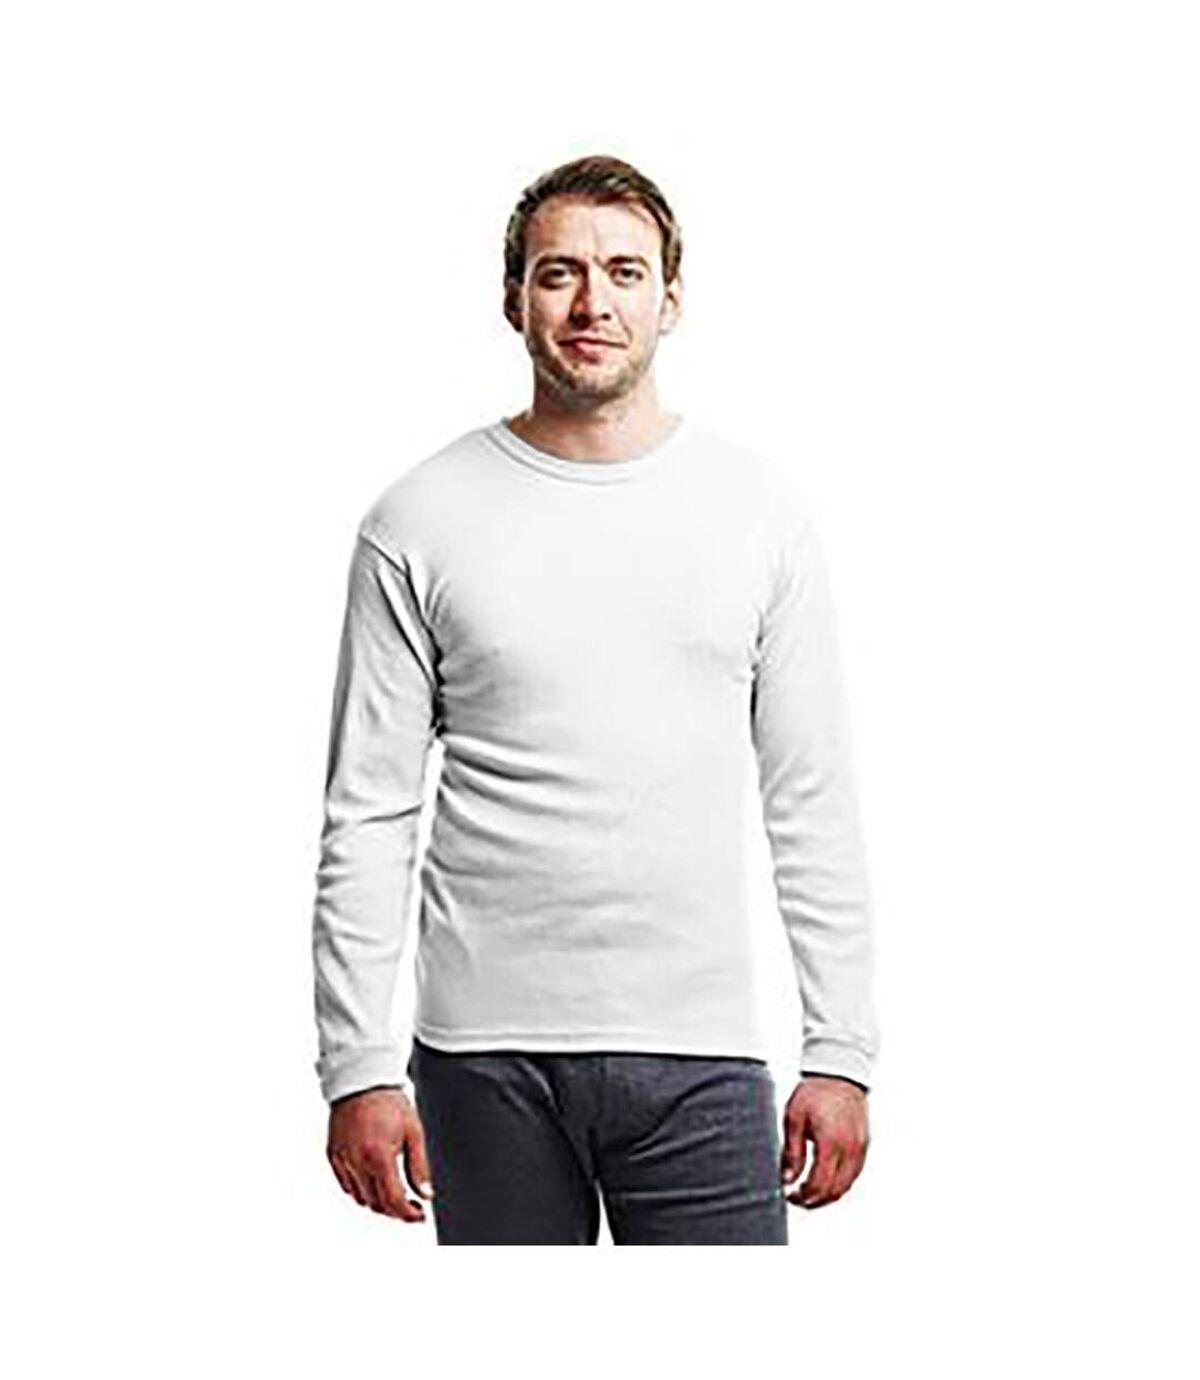 Regatta - T-shirt thermique à manche longues - Homme (Blanc) - UTRW1259